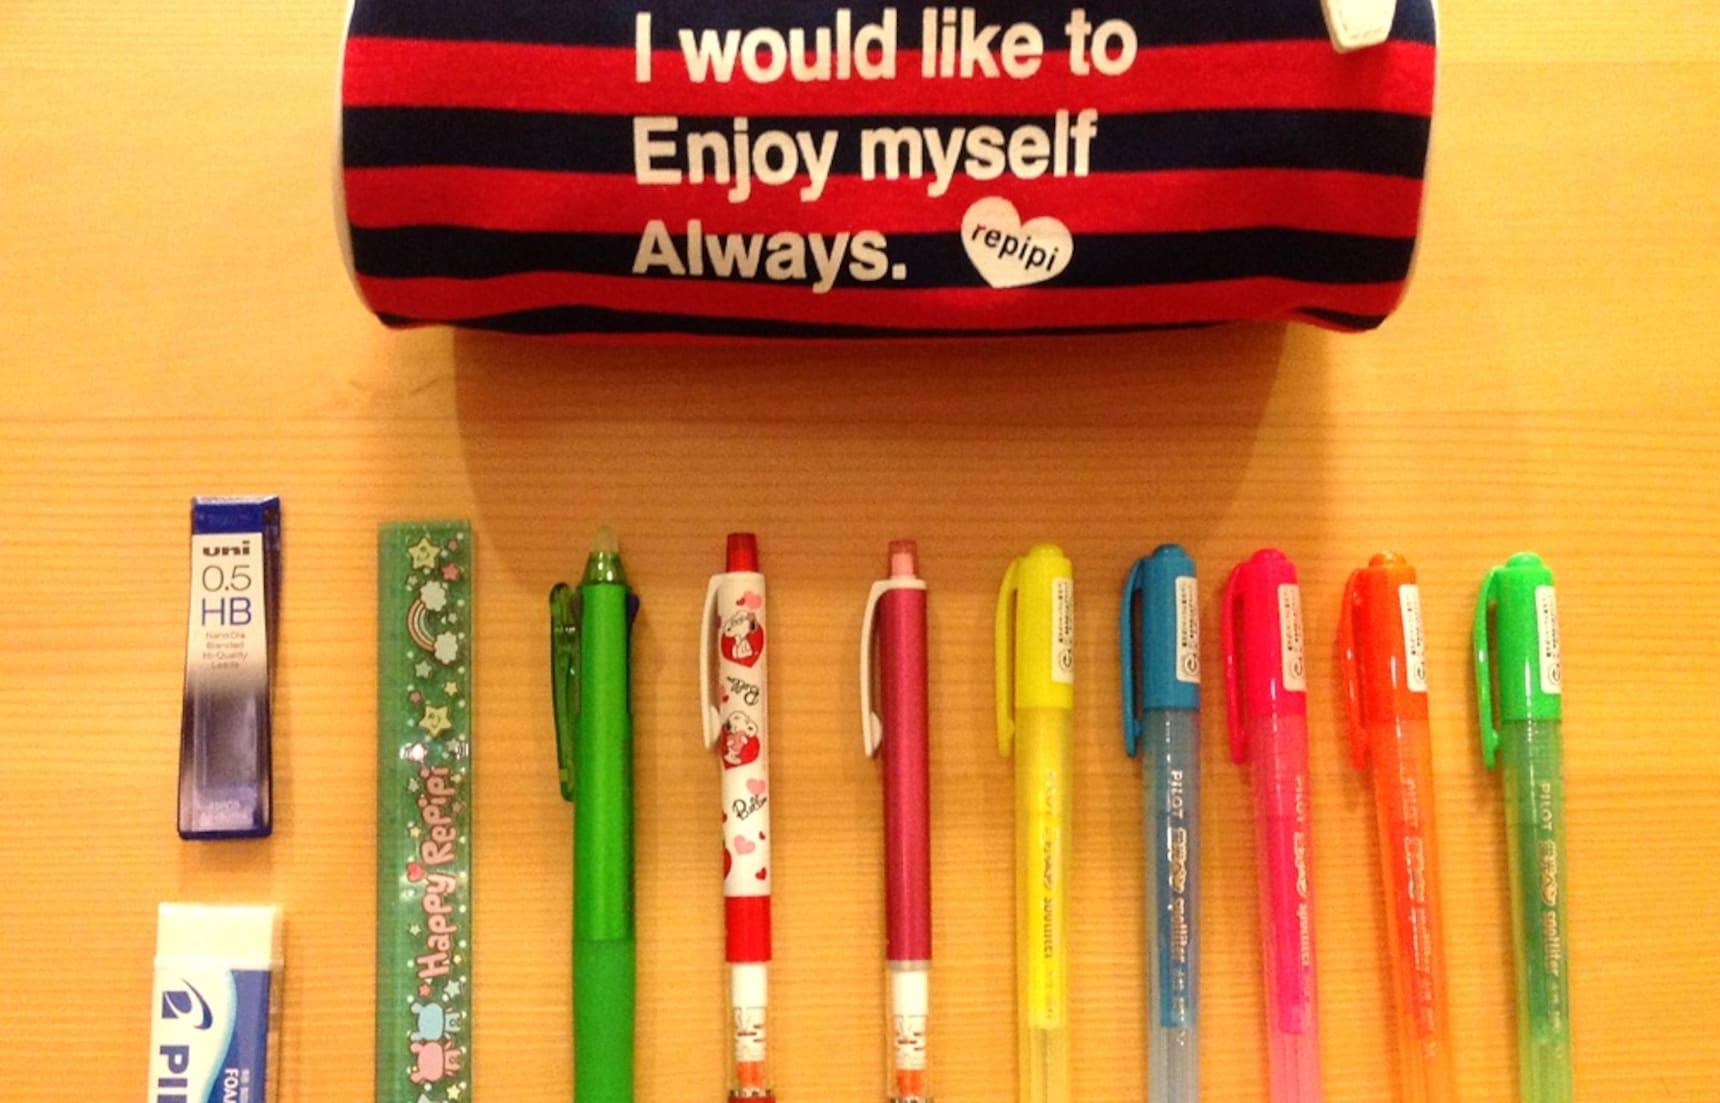 แอบส่อง 10 เครื่องเขียนในกล่องดินสอเด็กญี่ปุ่น